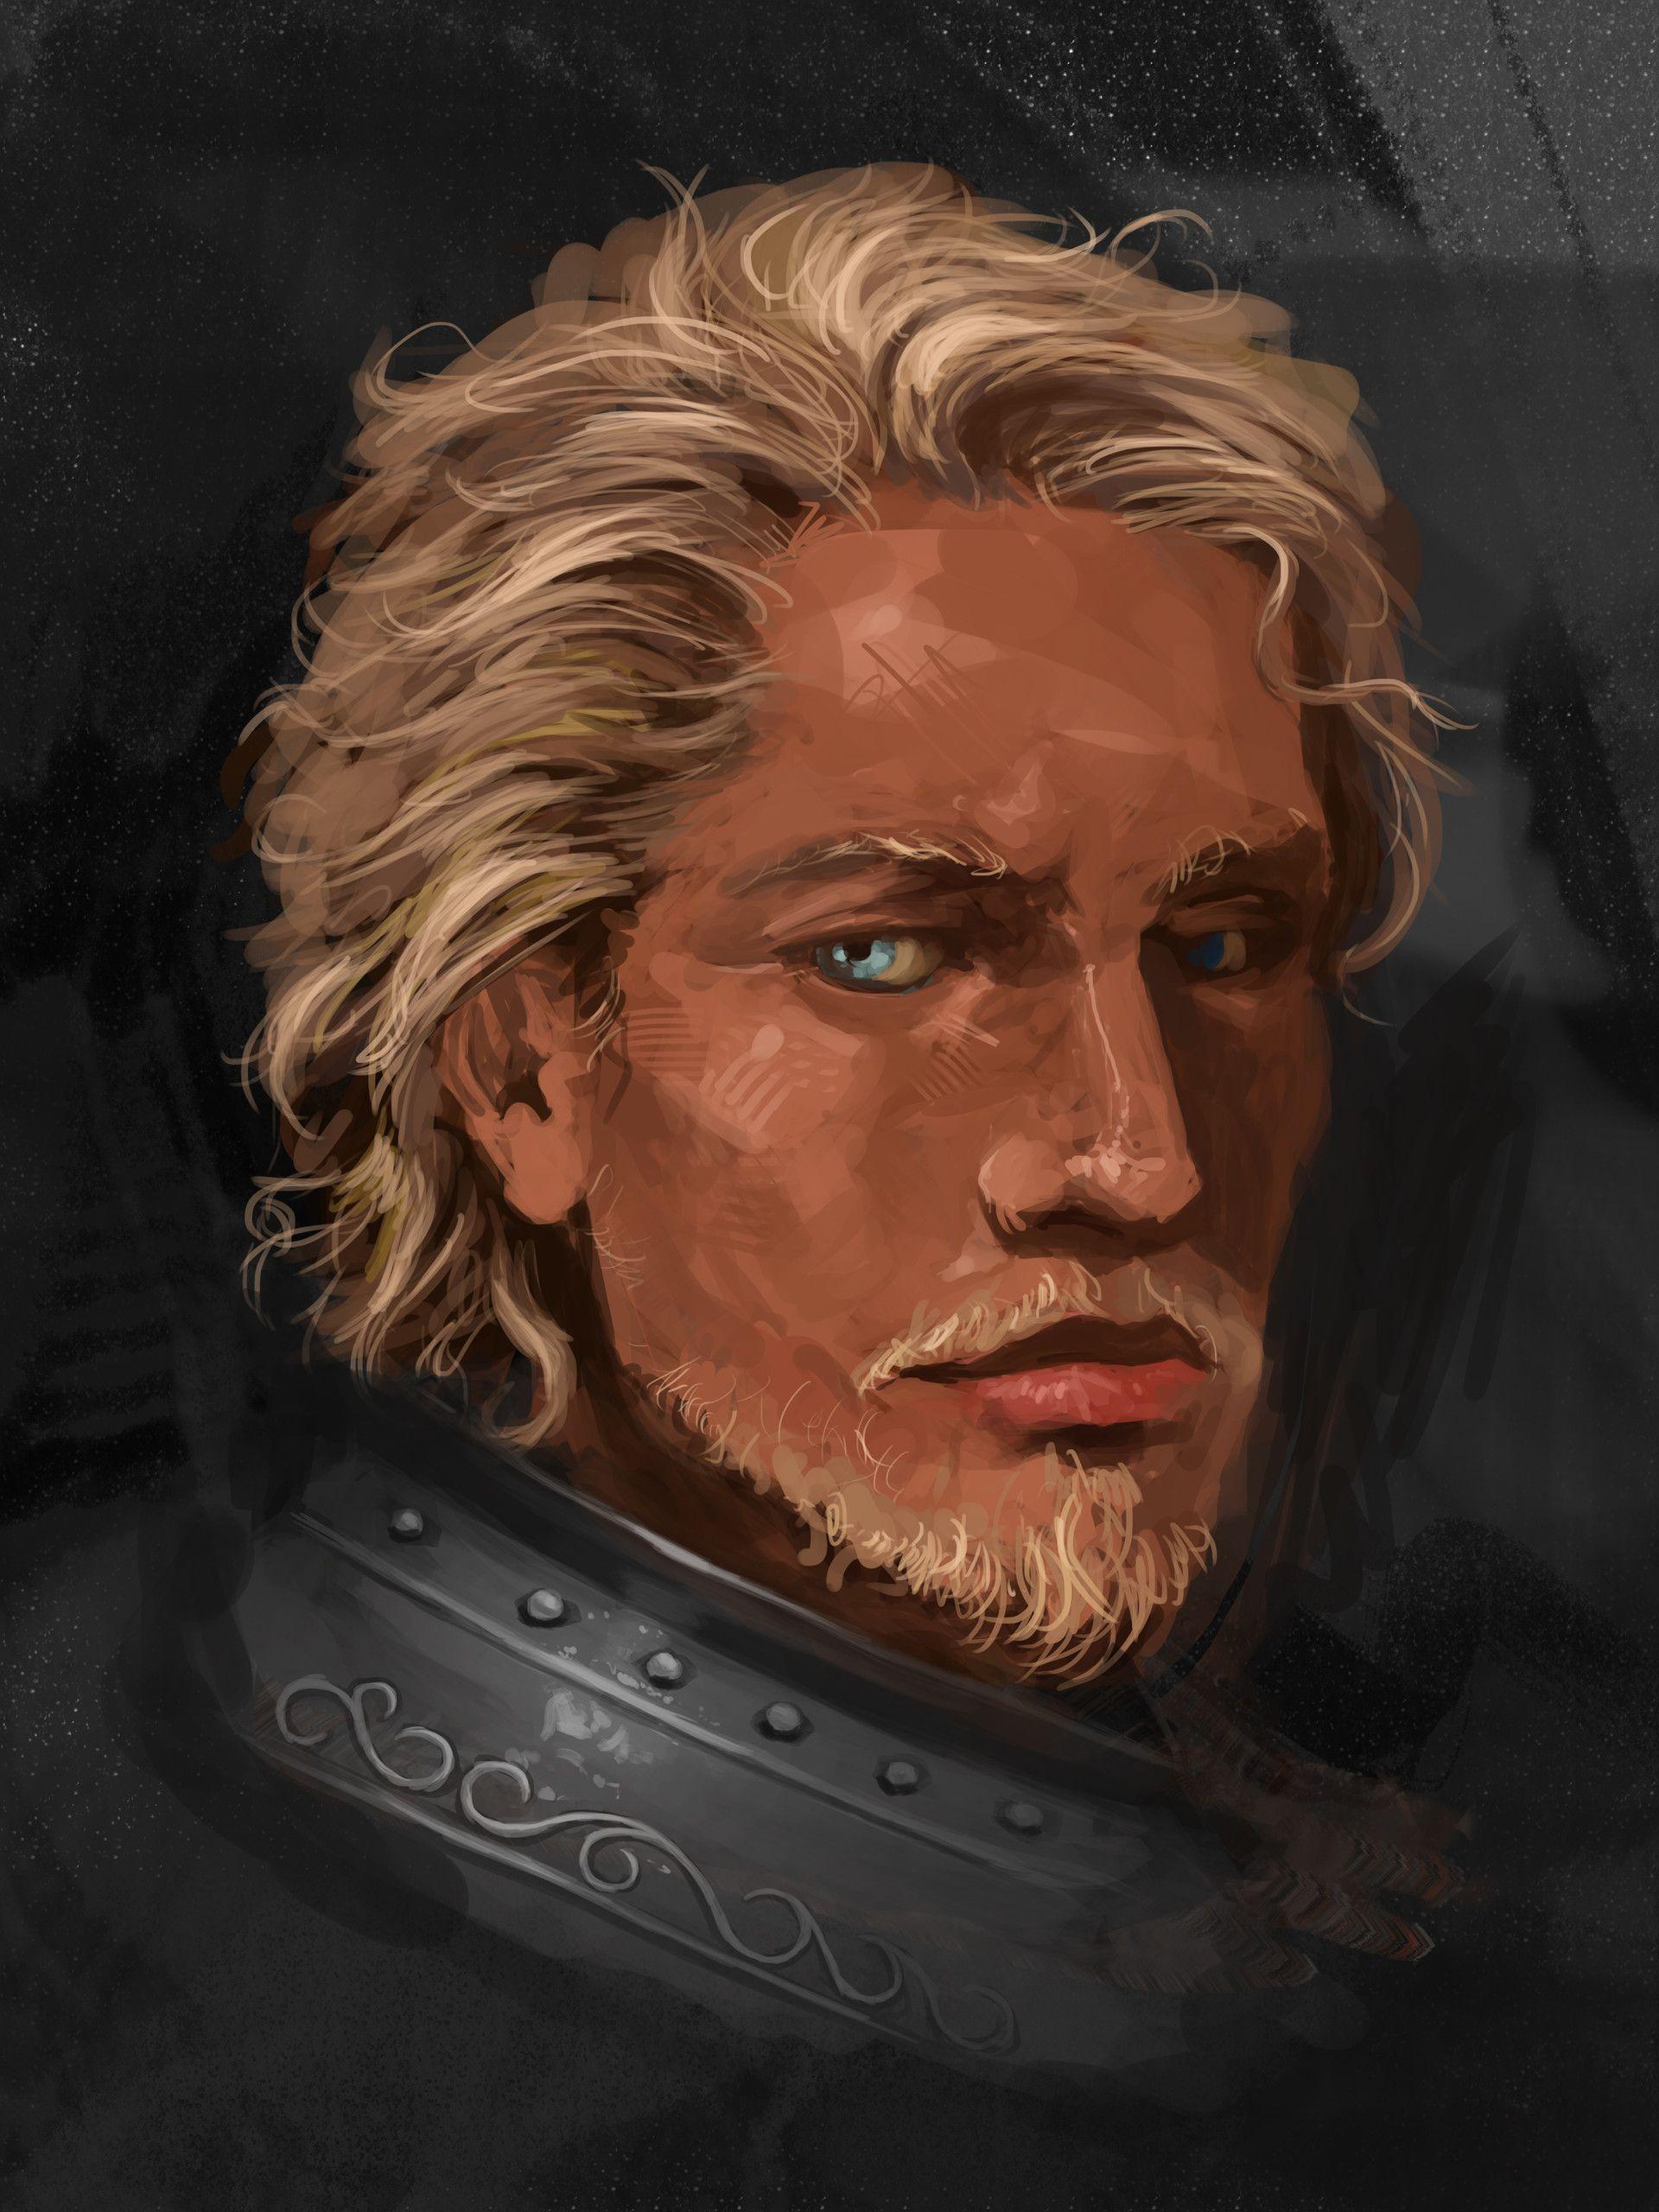 artstation - blonde knight simeon